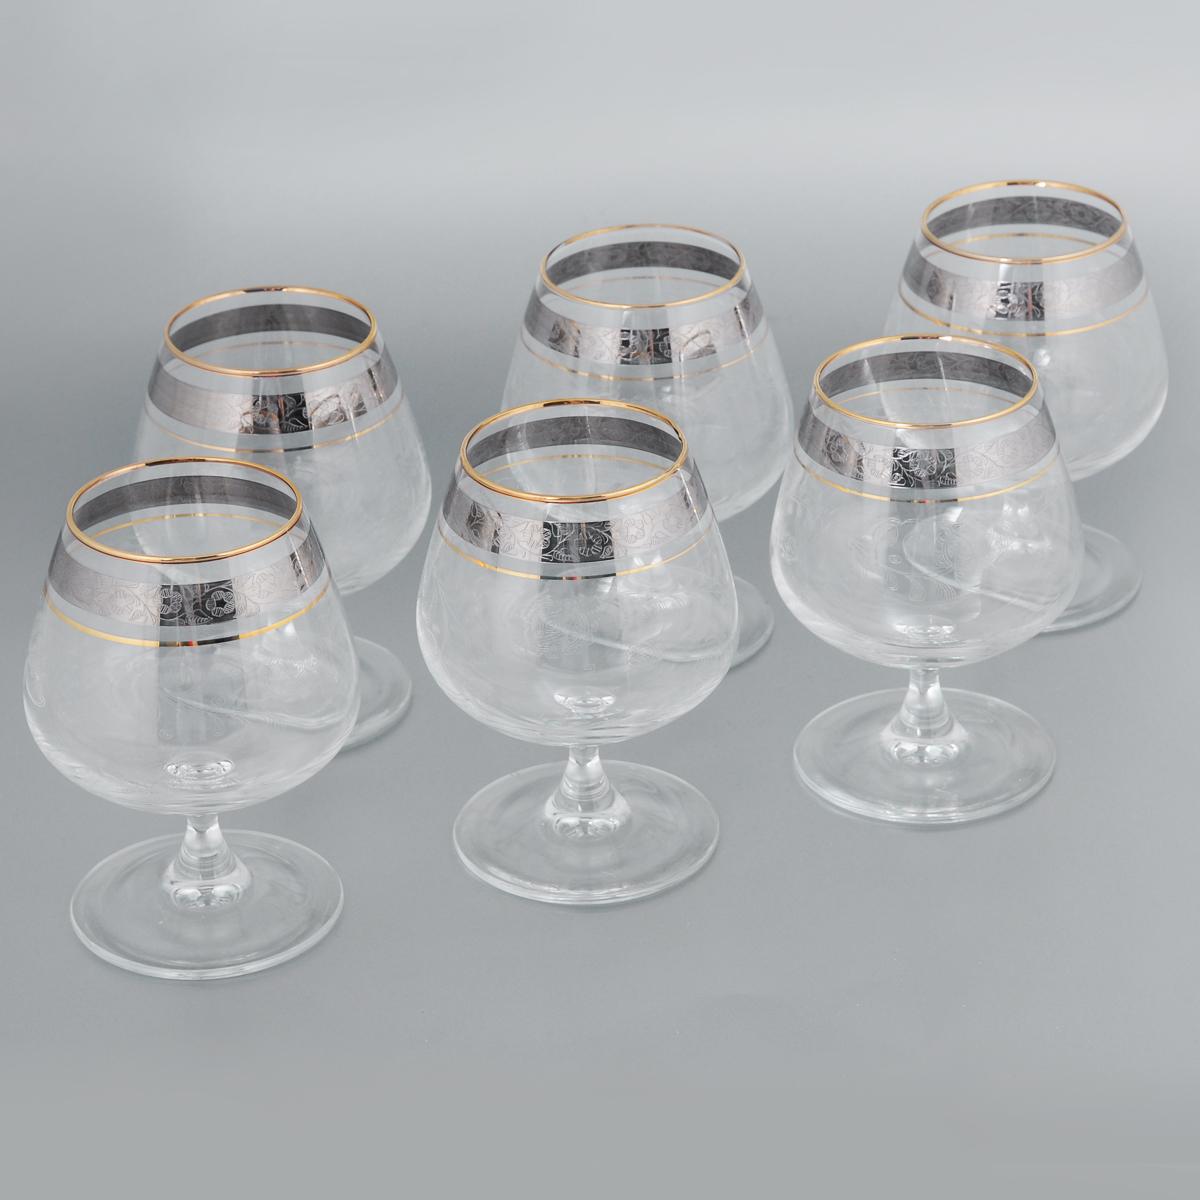 Набор бокалов для бренди Гусь-Хрустальный Нежность, 410 мл, 6 штVT-1520(SR)Набор Гусь-Хрустальный Нежность состоит из 6 бокалов на низкой ножке, изготовленных из высококачественного натрий-кальций-силикатного стекла. Изделия оформлены красивым зеркальным покрытием и прозрачным орнаментом. Бокалы предназначены для подачи бренди. Такой набор прекрасно дополнит праздничный стол и станет желанным подарком в любом доме. Можно мыть в посудомоечной машине. Диаметр бокала (по верхнему краю): 6,3 см. Высота бокала: 13 см. Диаметр основания бокала: 8 см.